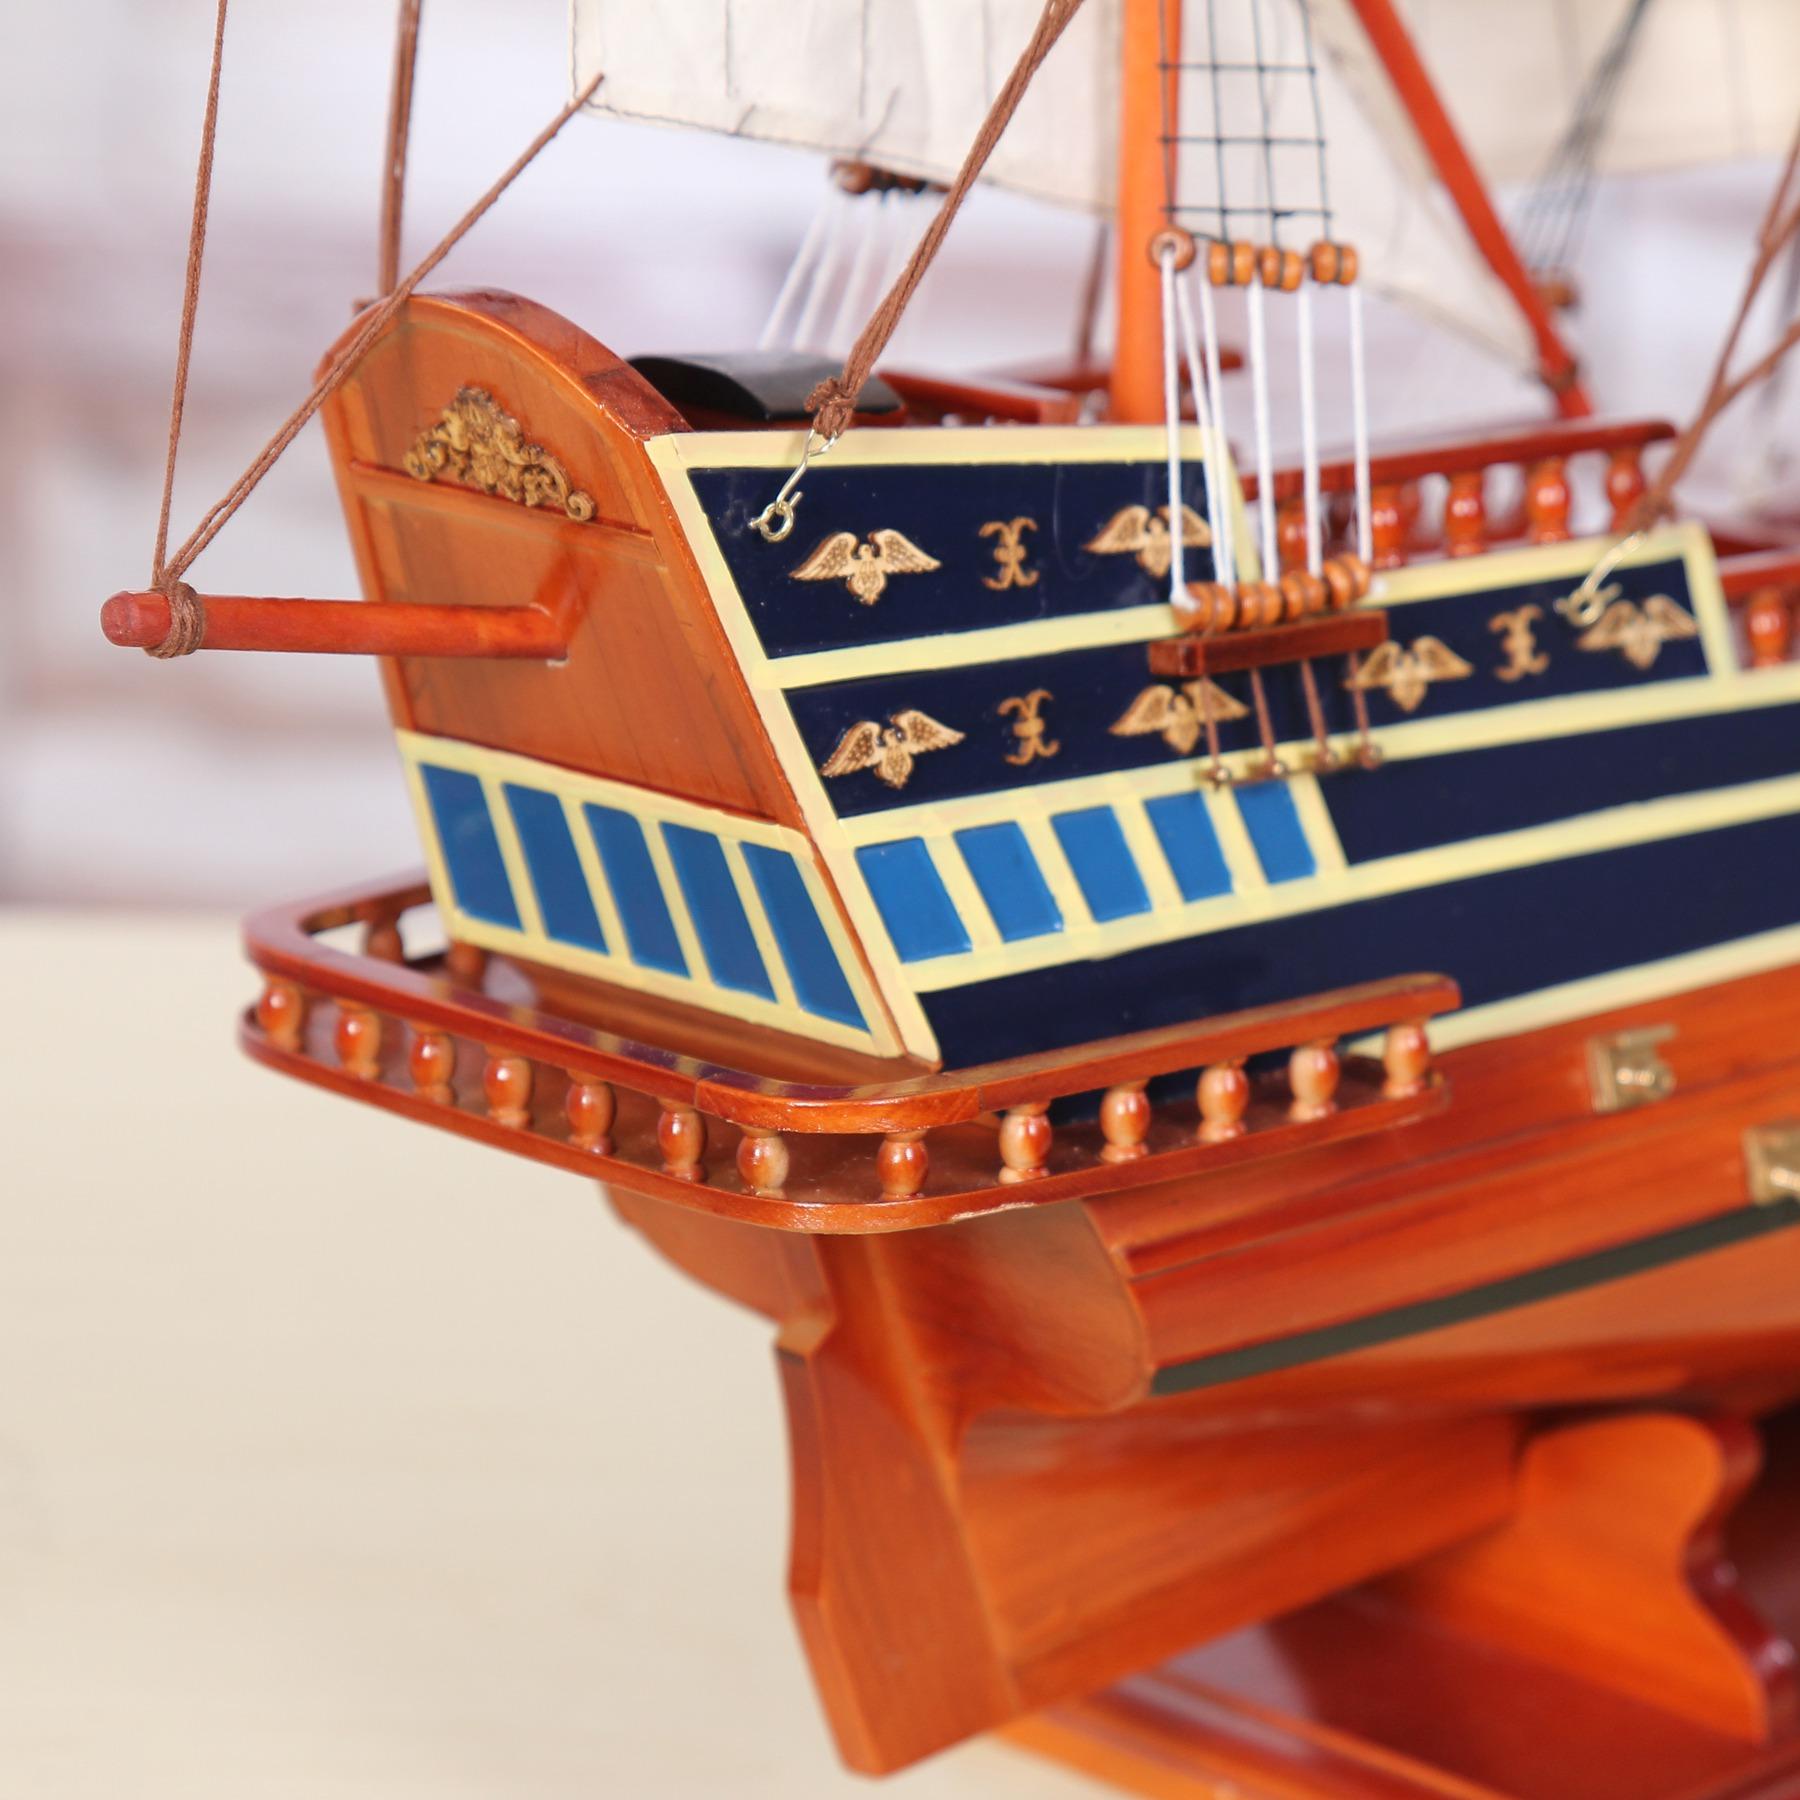 圣丽丝帆船模型1.1米无敌号一帆风顺装饰品摆件客厅手工木质帆船